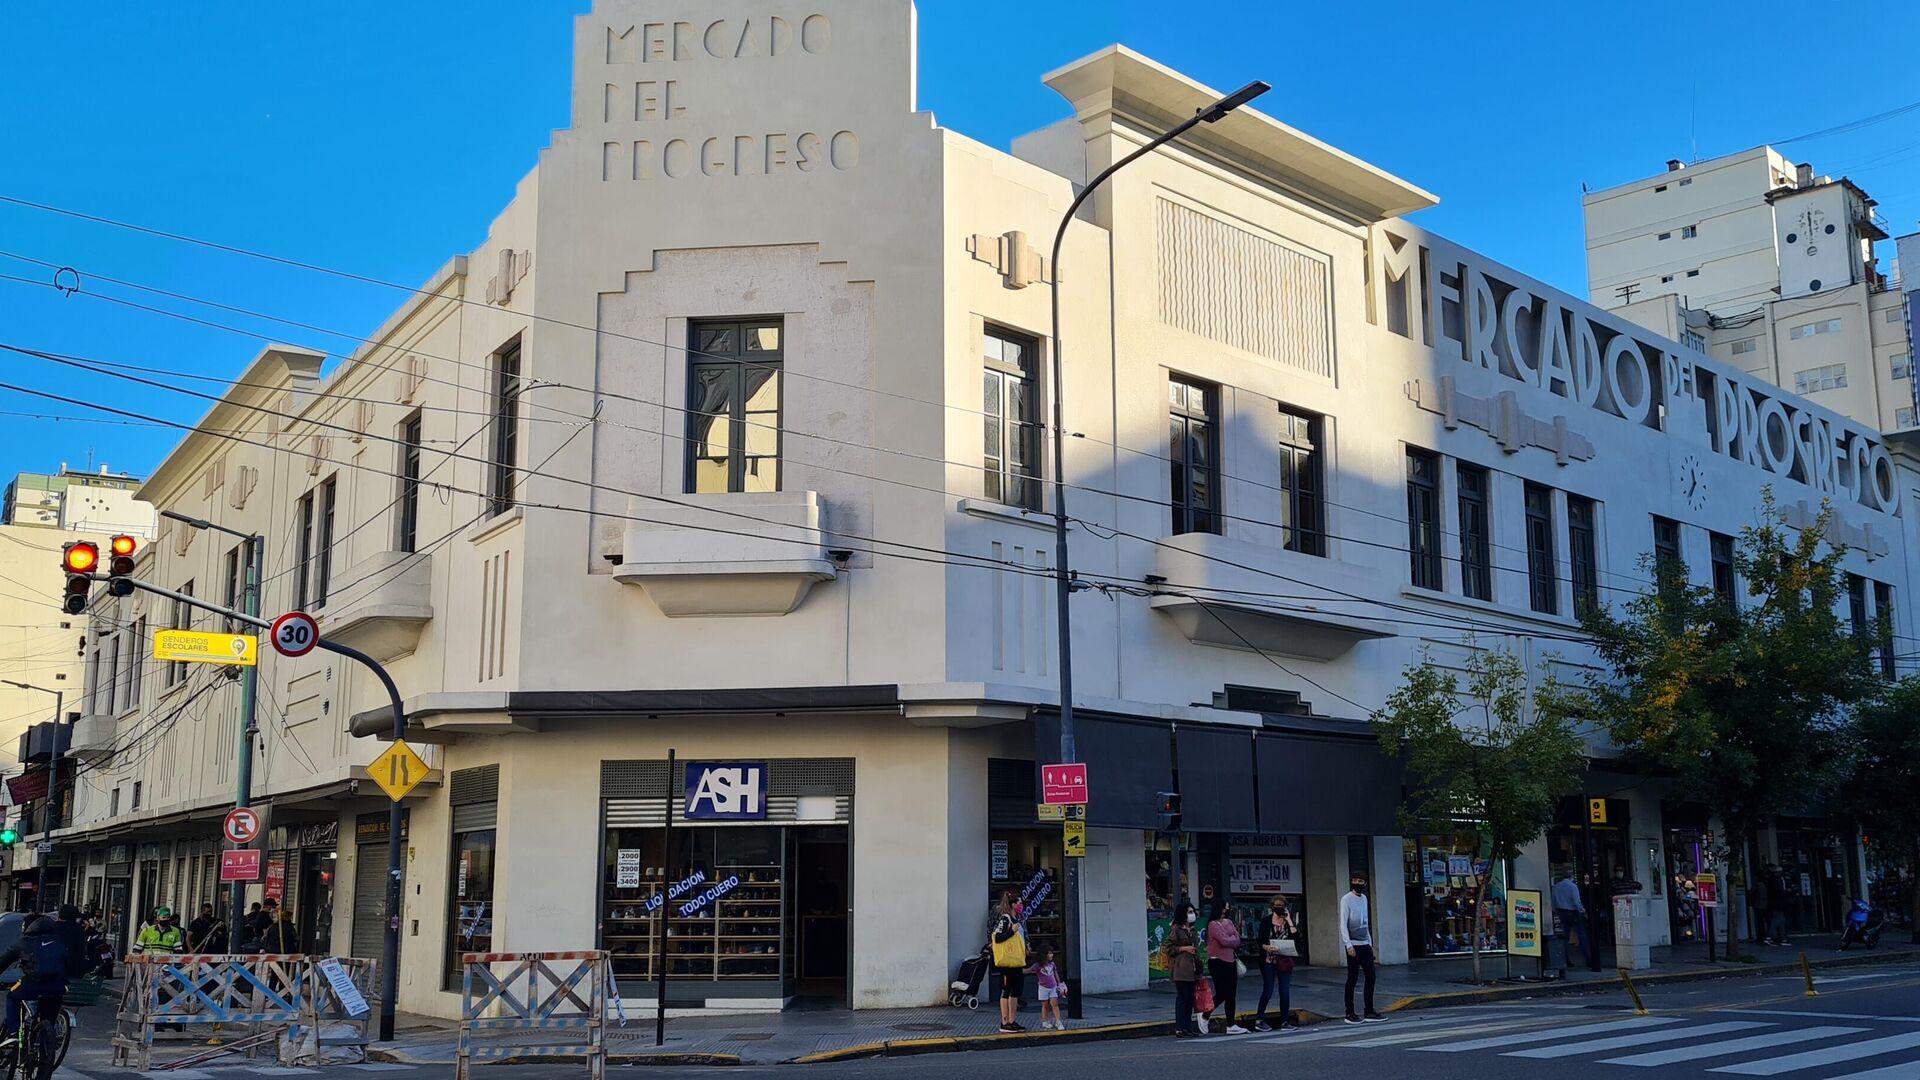 La fachada de estilo art decó, inaugurada en 1930, le dan su toque personal al barrio de Caballito - Sputnik Mundo, 1920, 06.04.2021